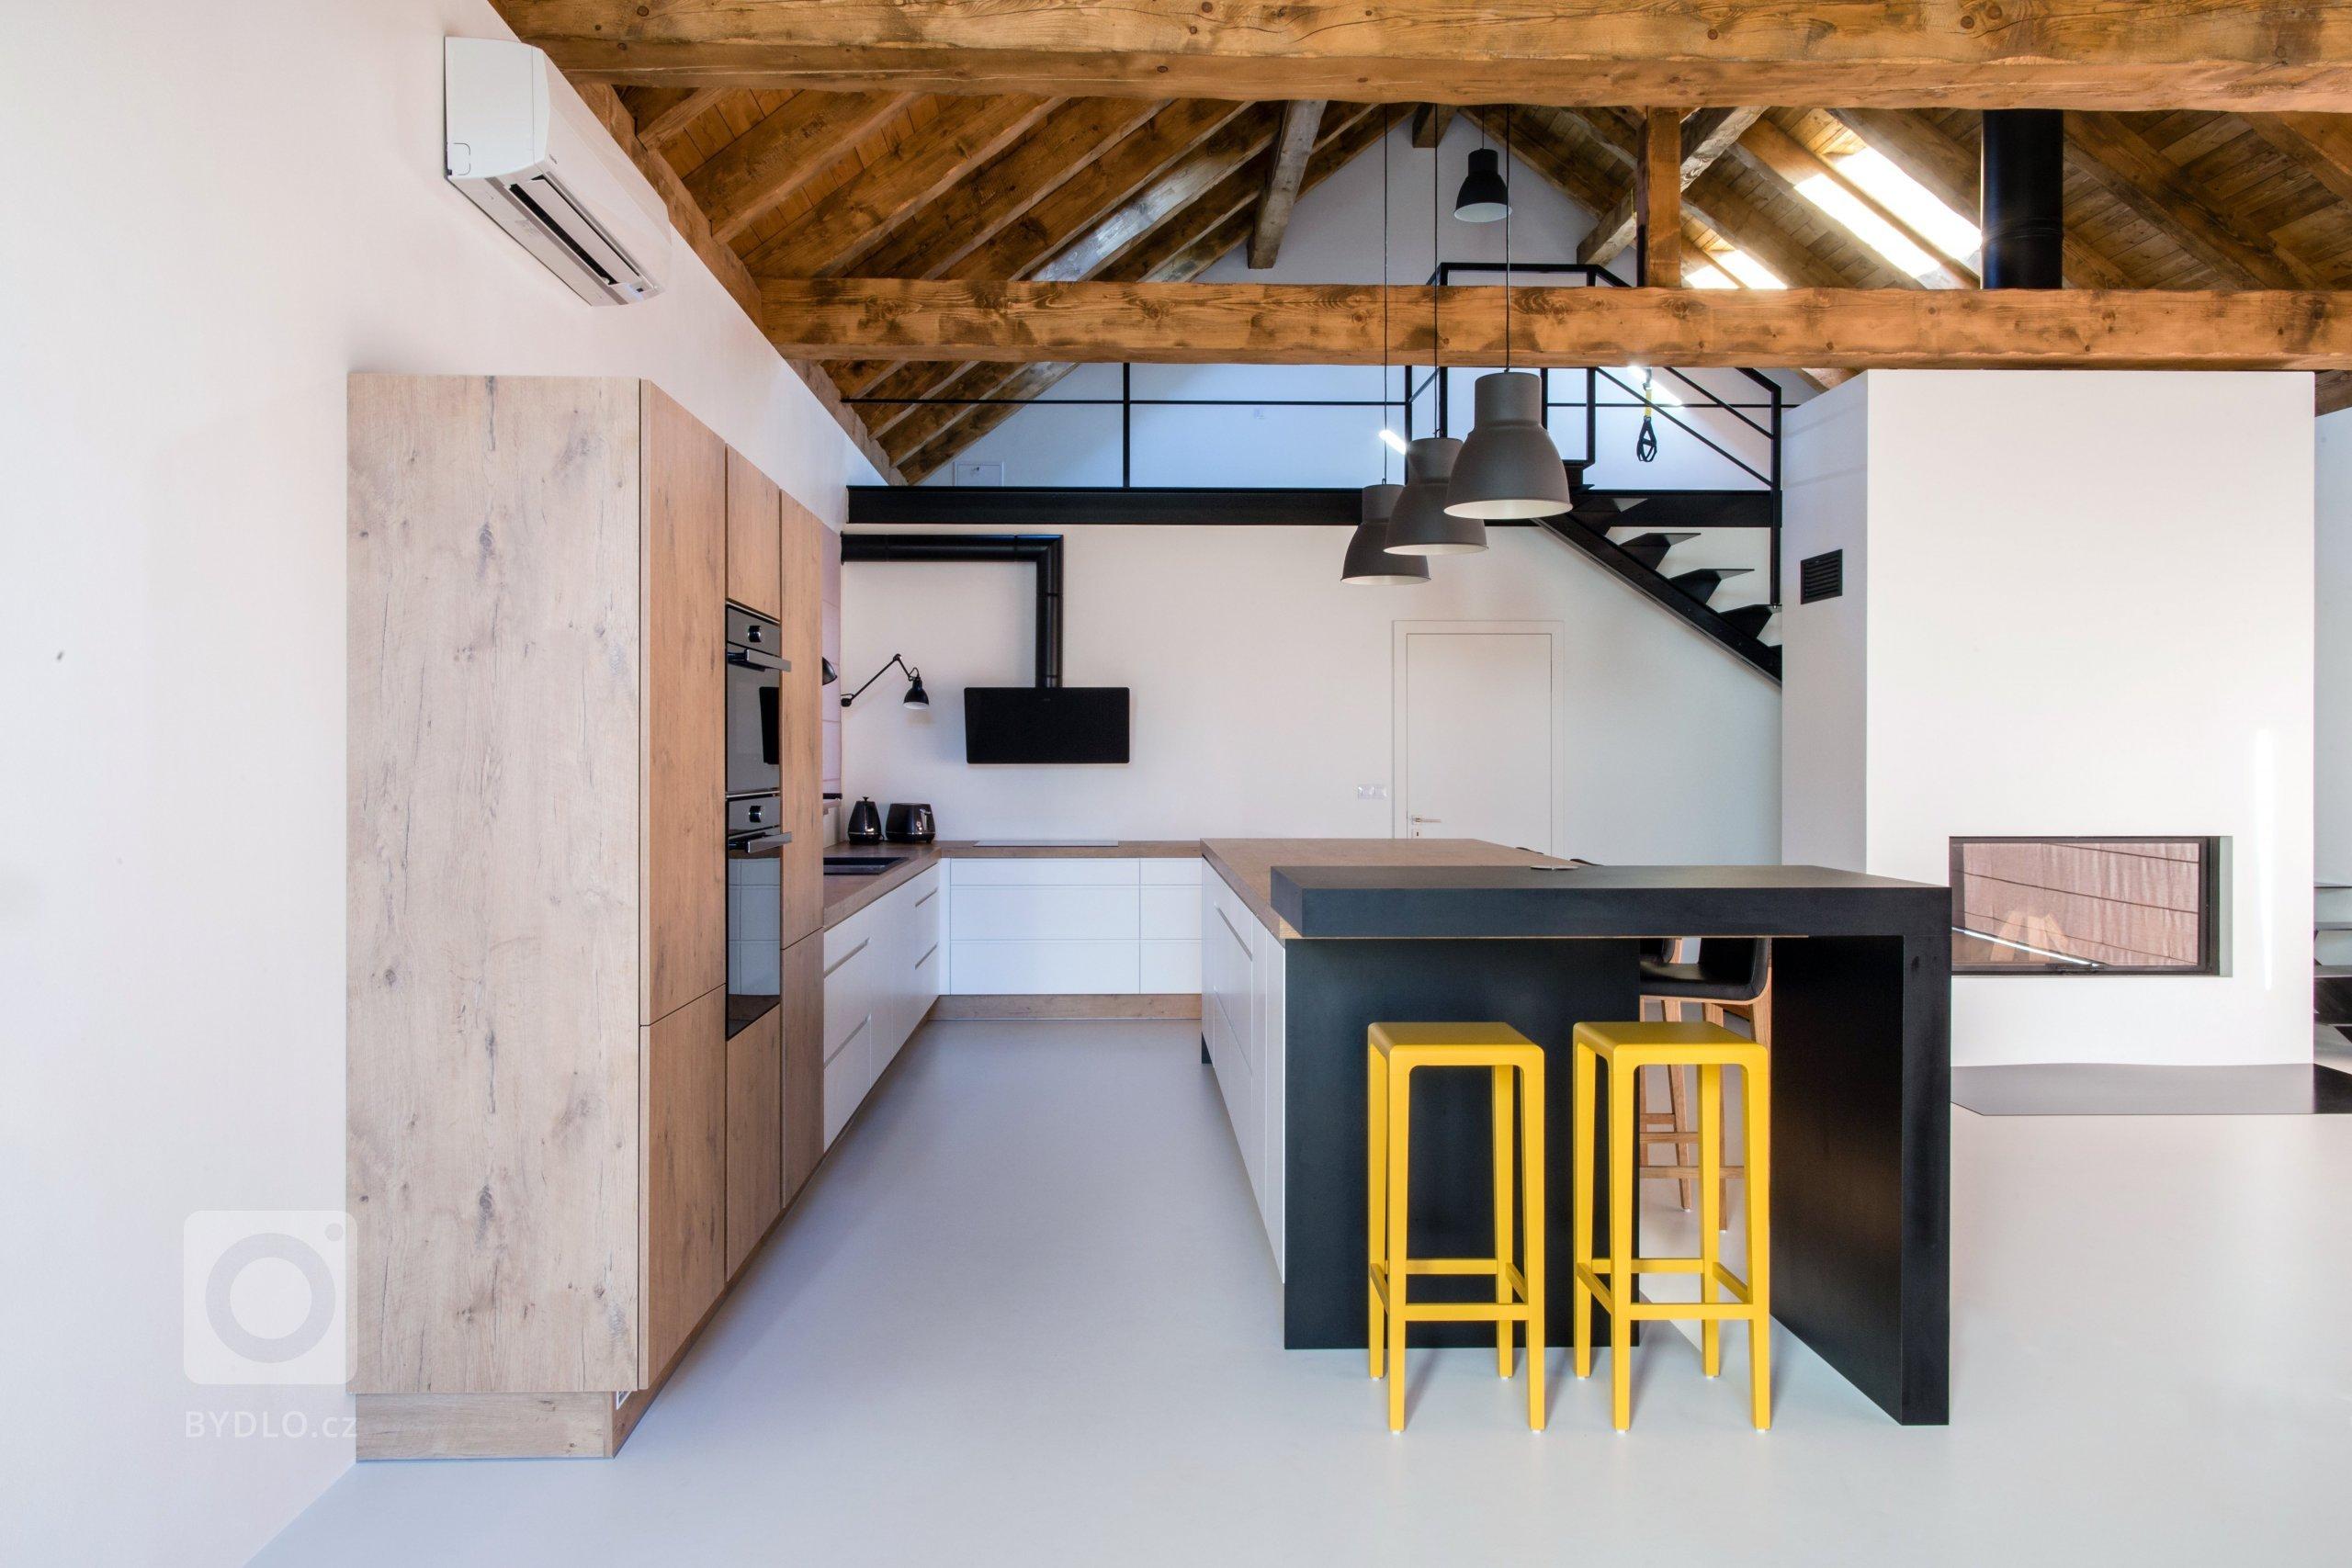 Tenhle útulný a moderní rodinný dům si zasloužil pořádnou kuchyň propracovanou do detailu. Klientka si vysnila velkou a praktickou kuchyň a tu jsem ji splnila.…